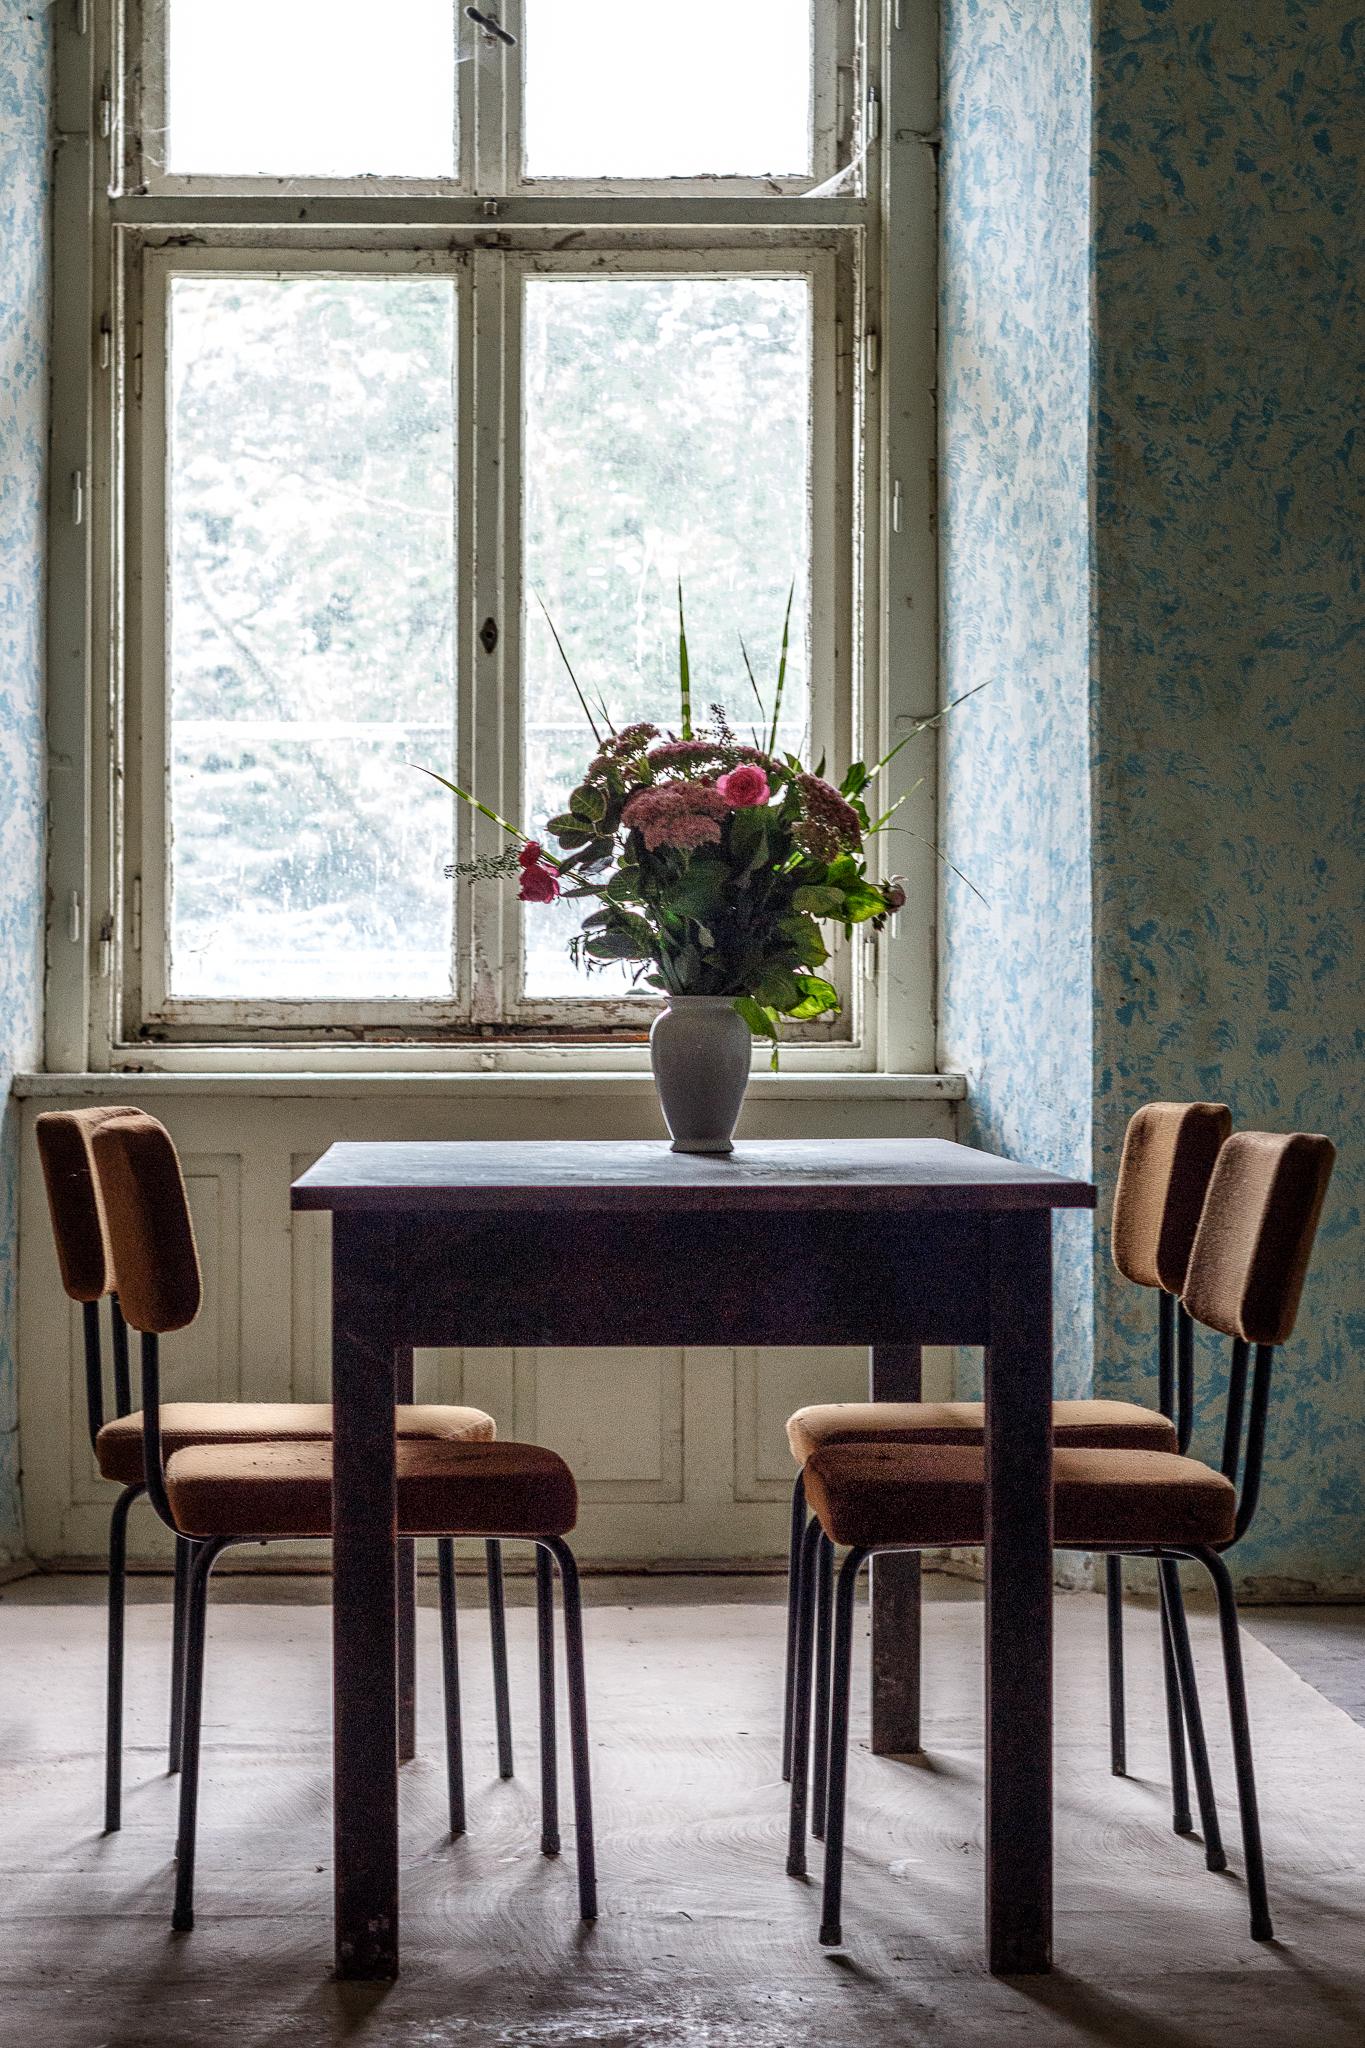 Stillleben mit Tisch und Stuhl.